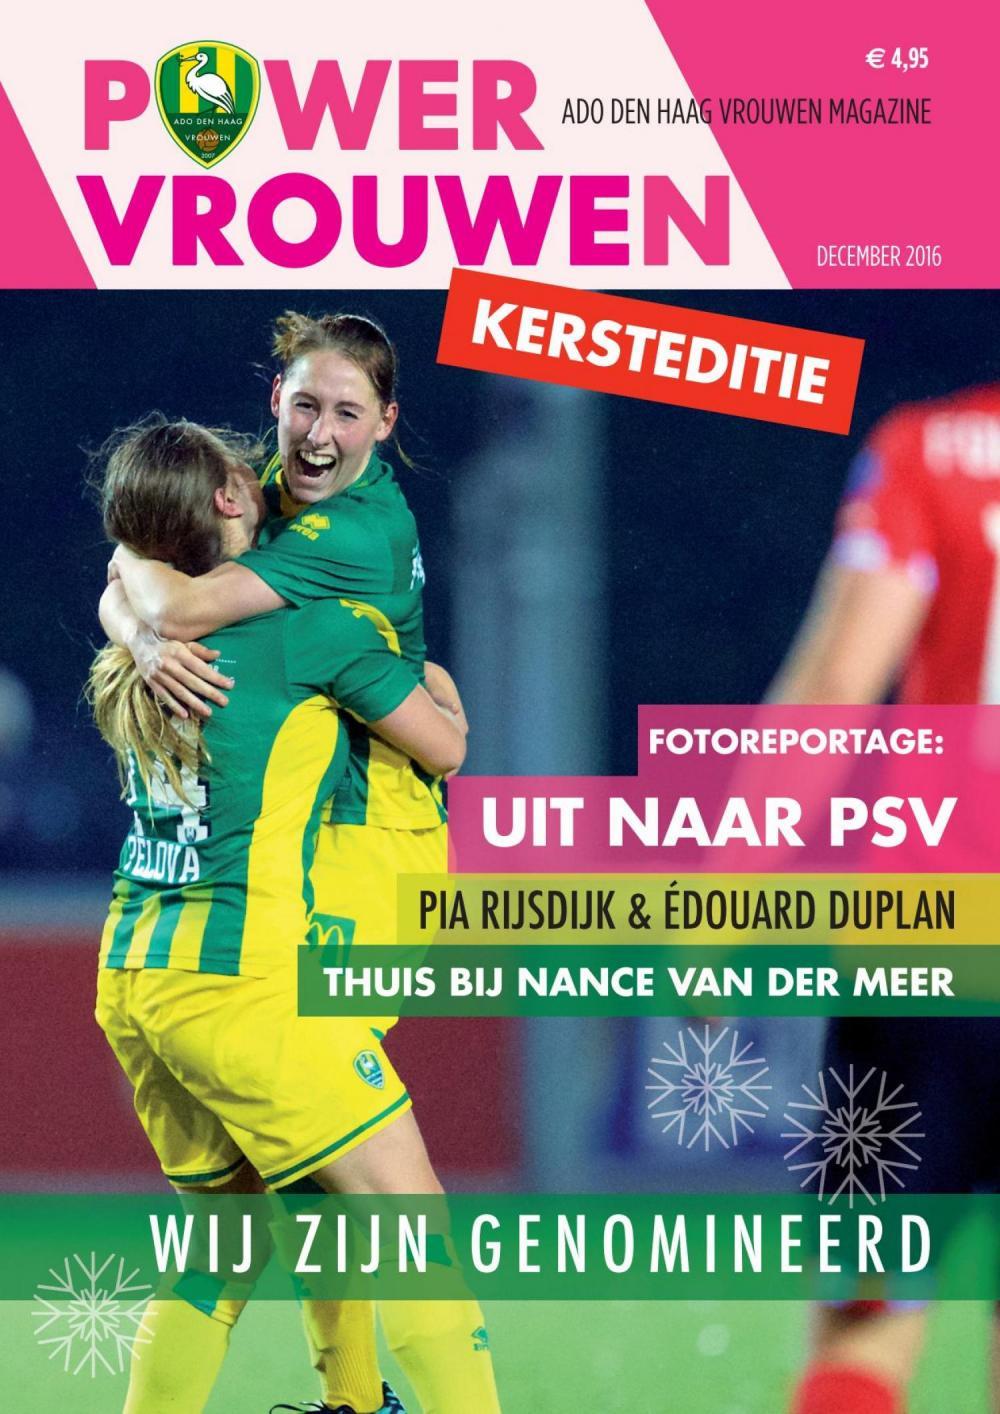 Powervrouwen Magazine december 2016